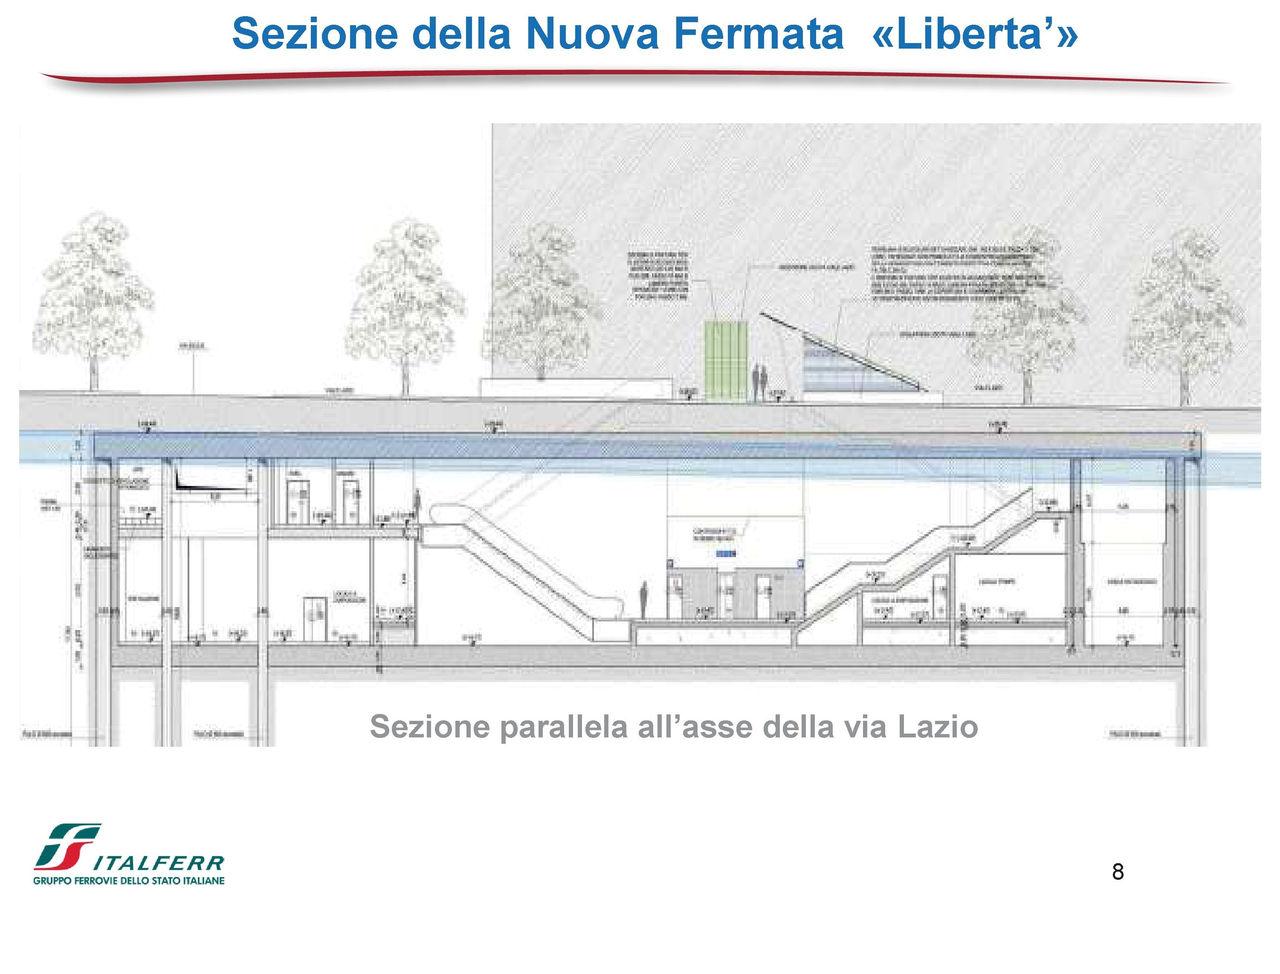 Anello ferroviario chiusura di viale lazio mobilita palermo for Mobilita palermo